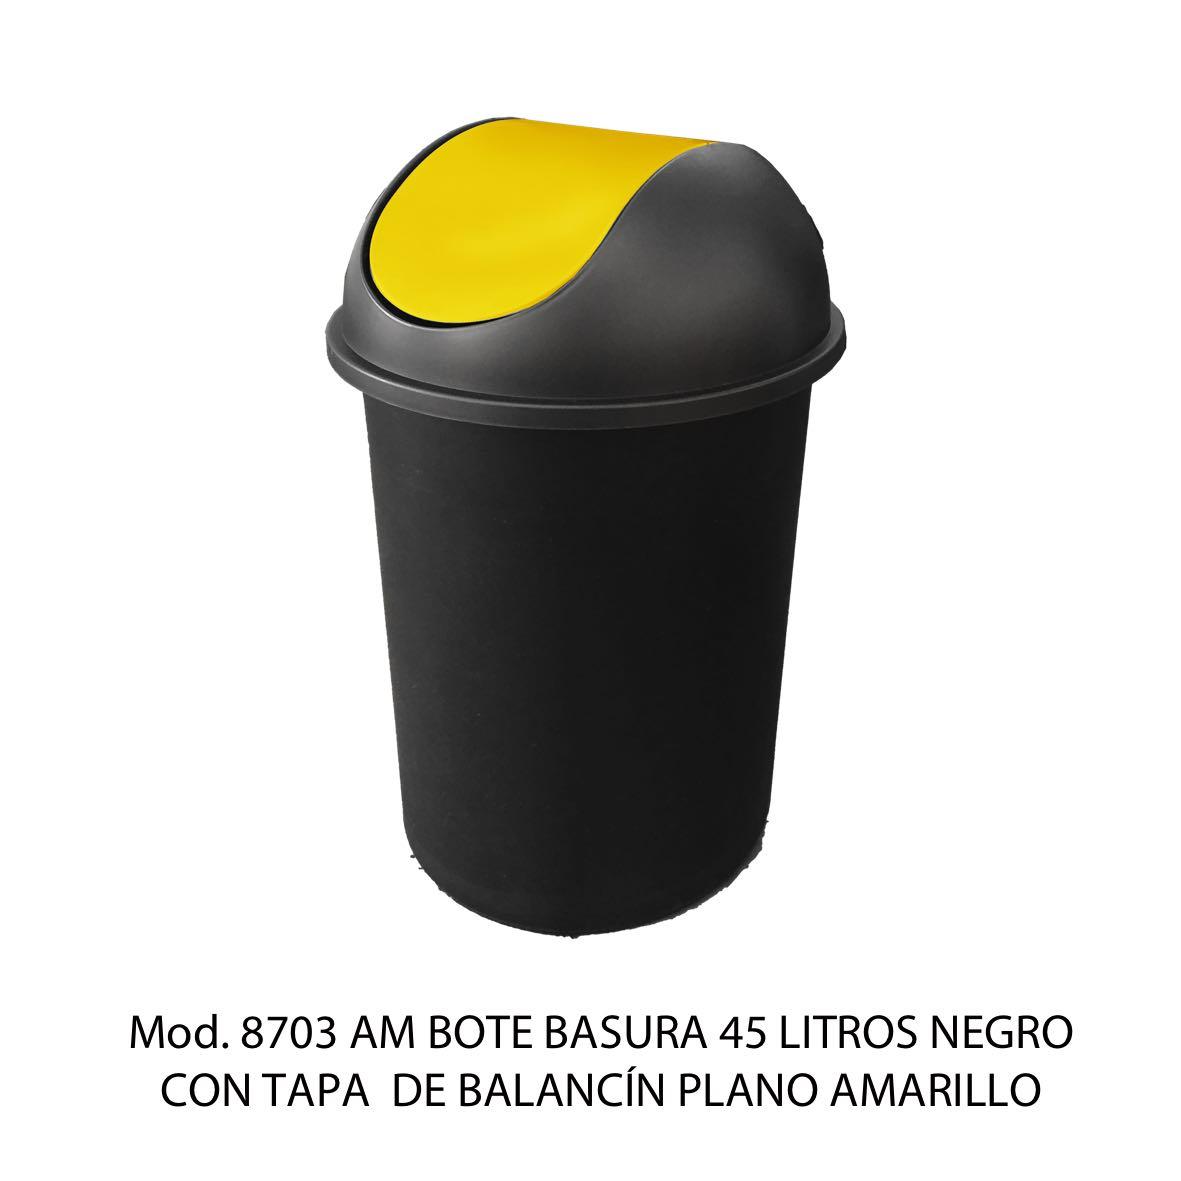 Bote de basura redondo negro de 45 litros con tapa amarillo tipo balancín liso modelo 8703 AM Sablón